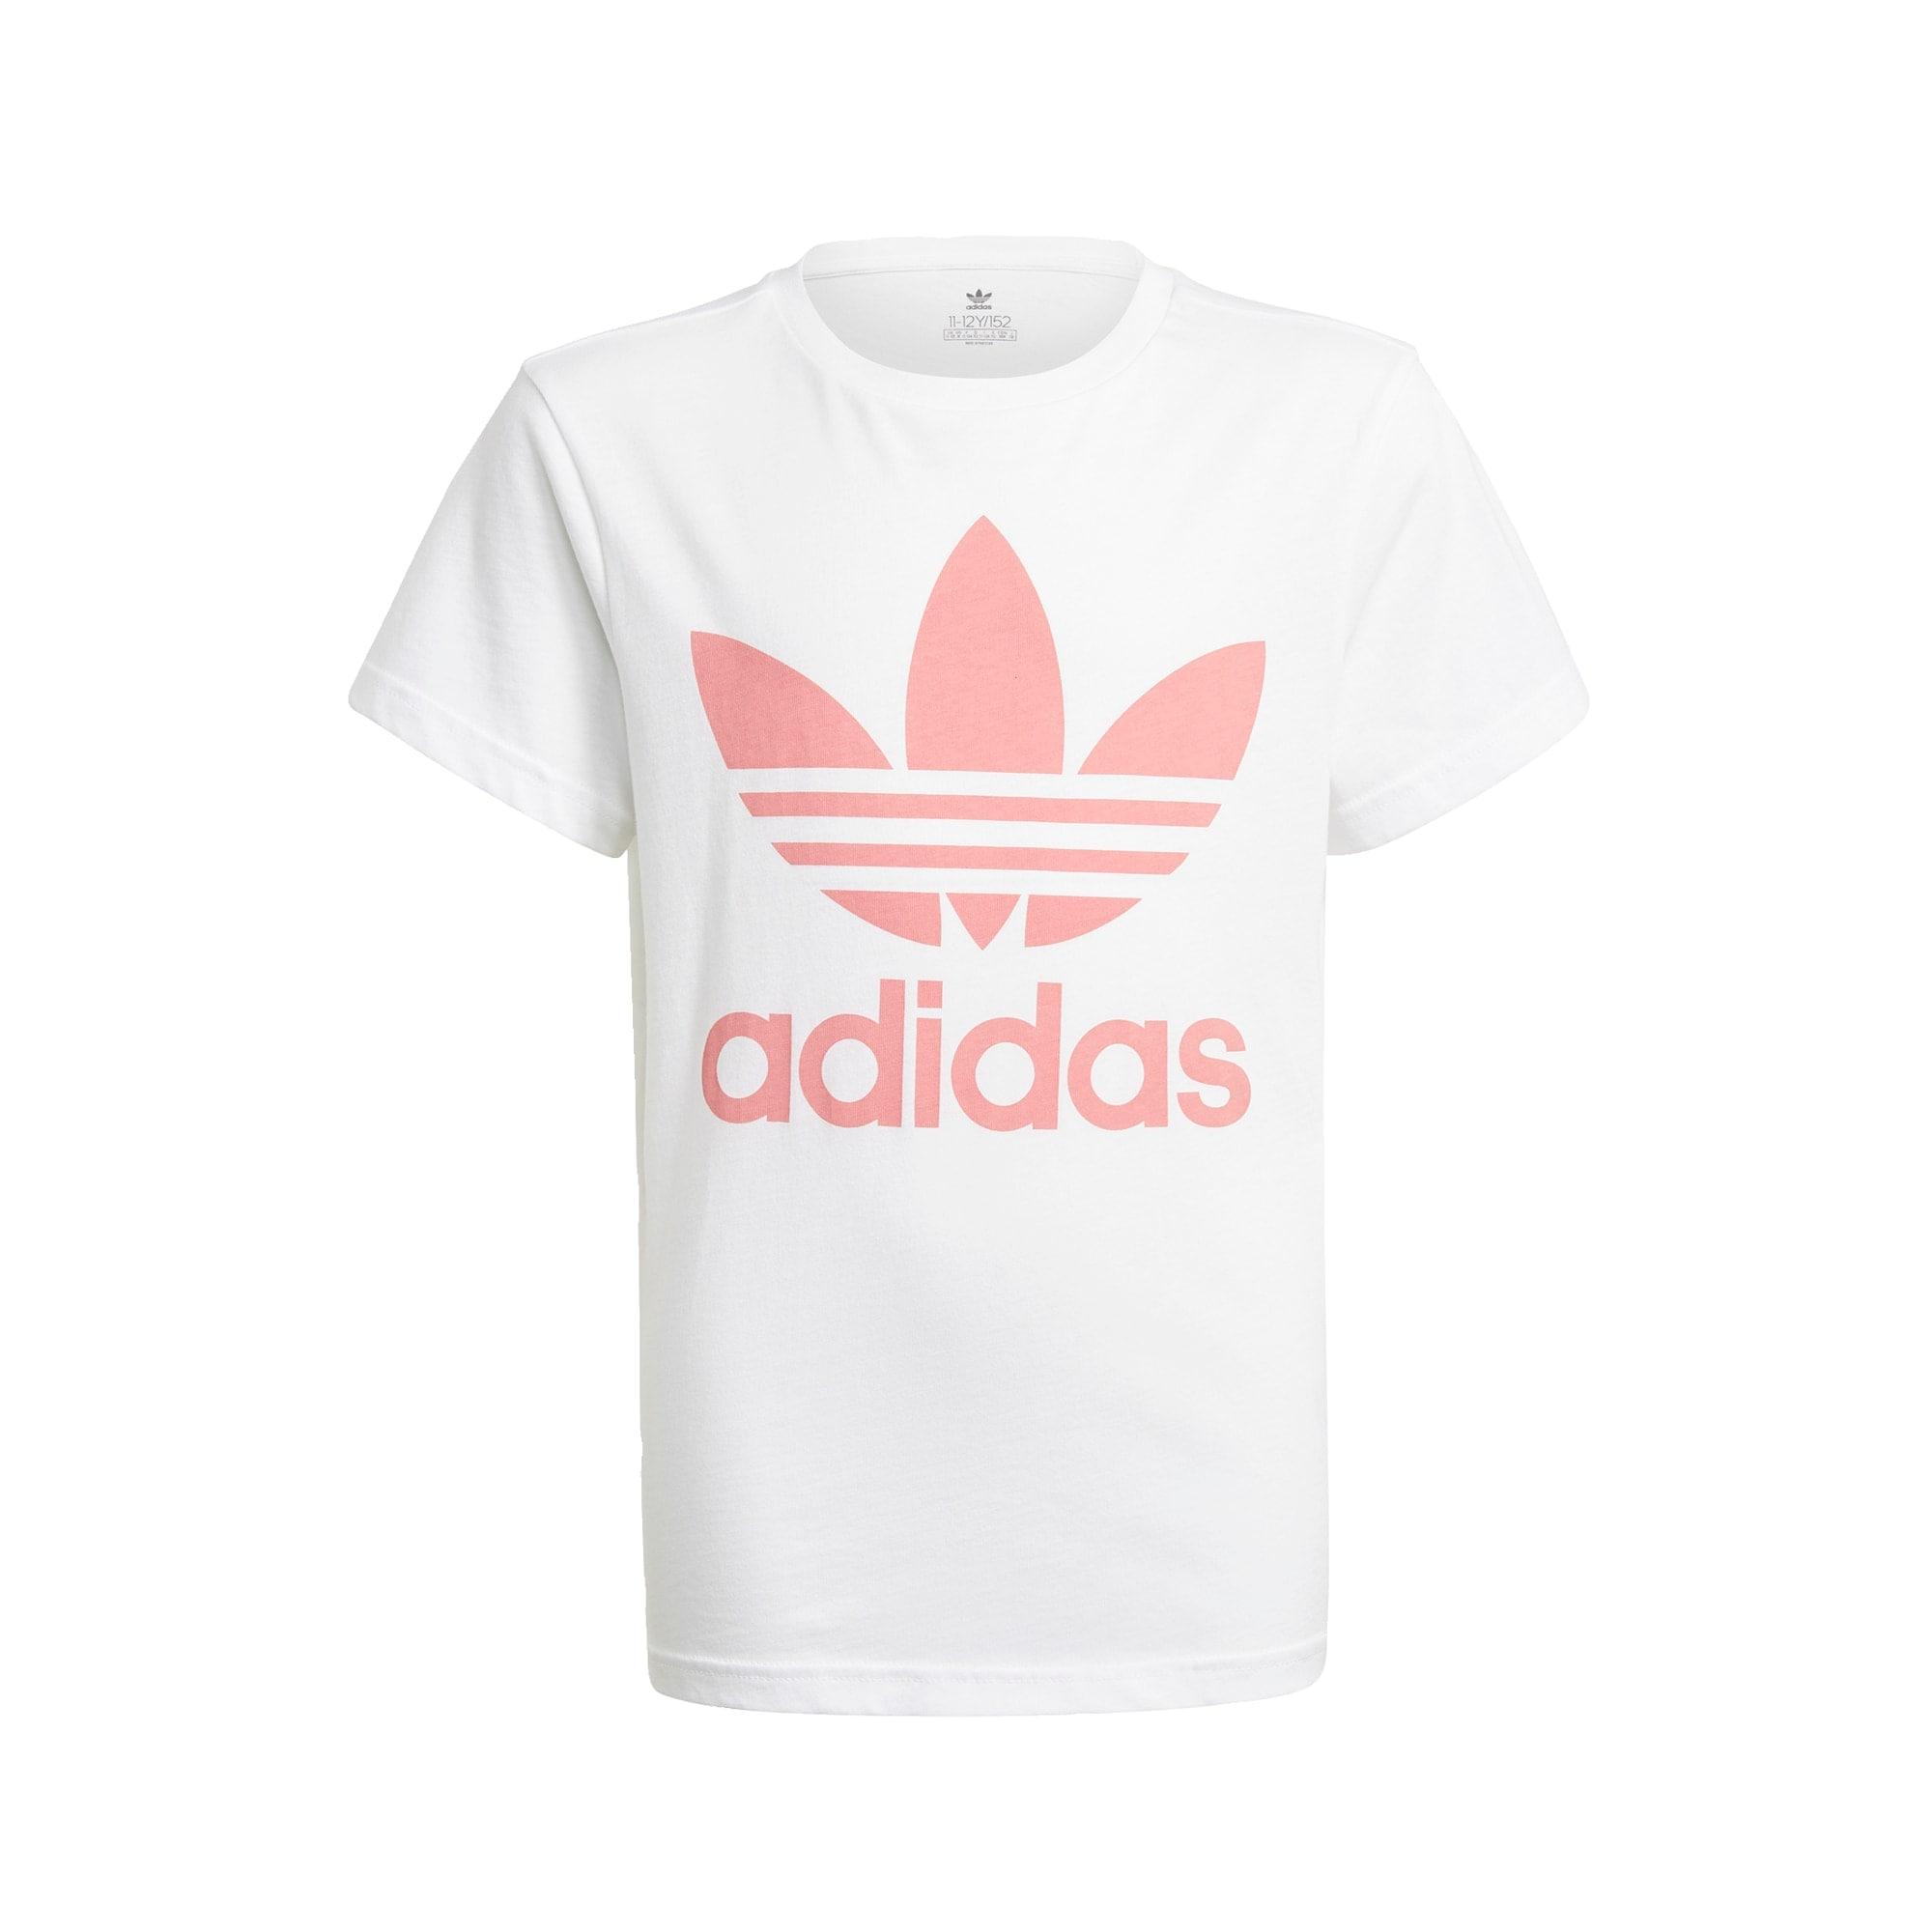 ADIDAS ORIGINALS Marškinėliai balta / rožių spalva